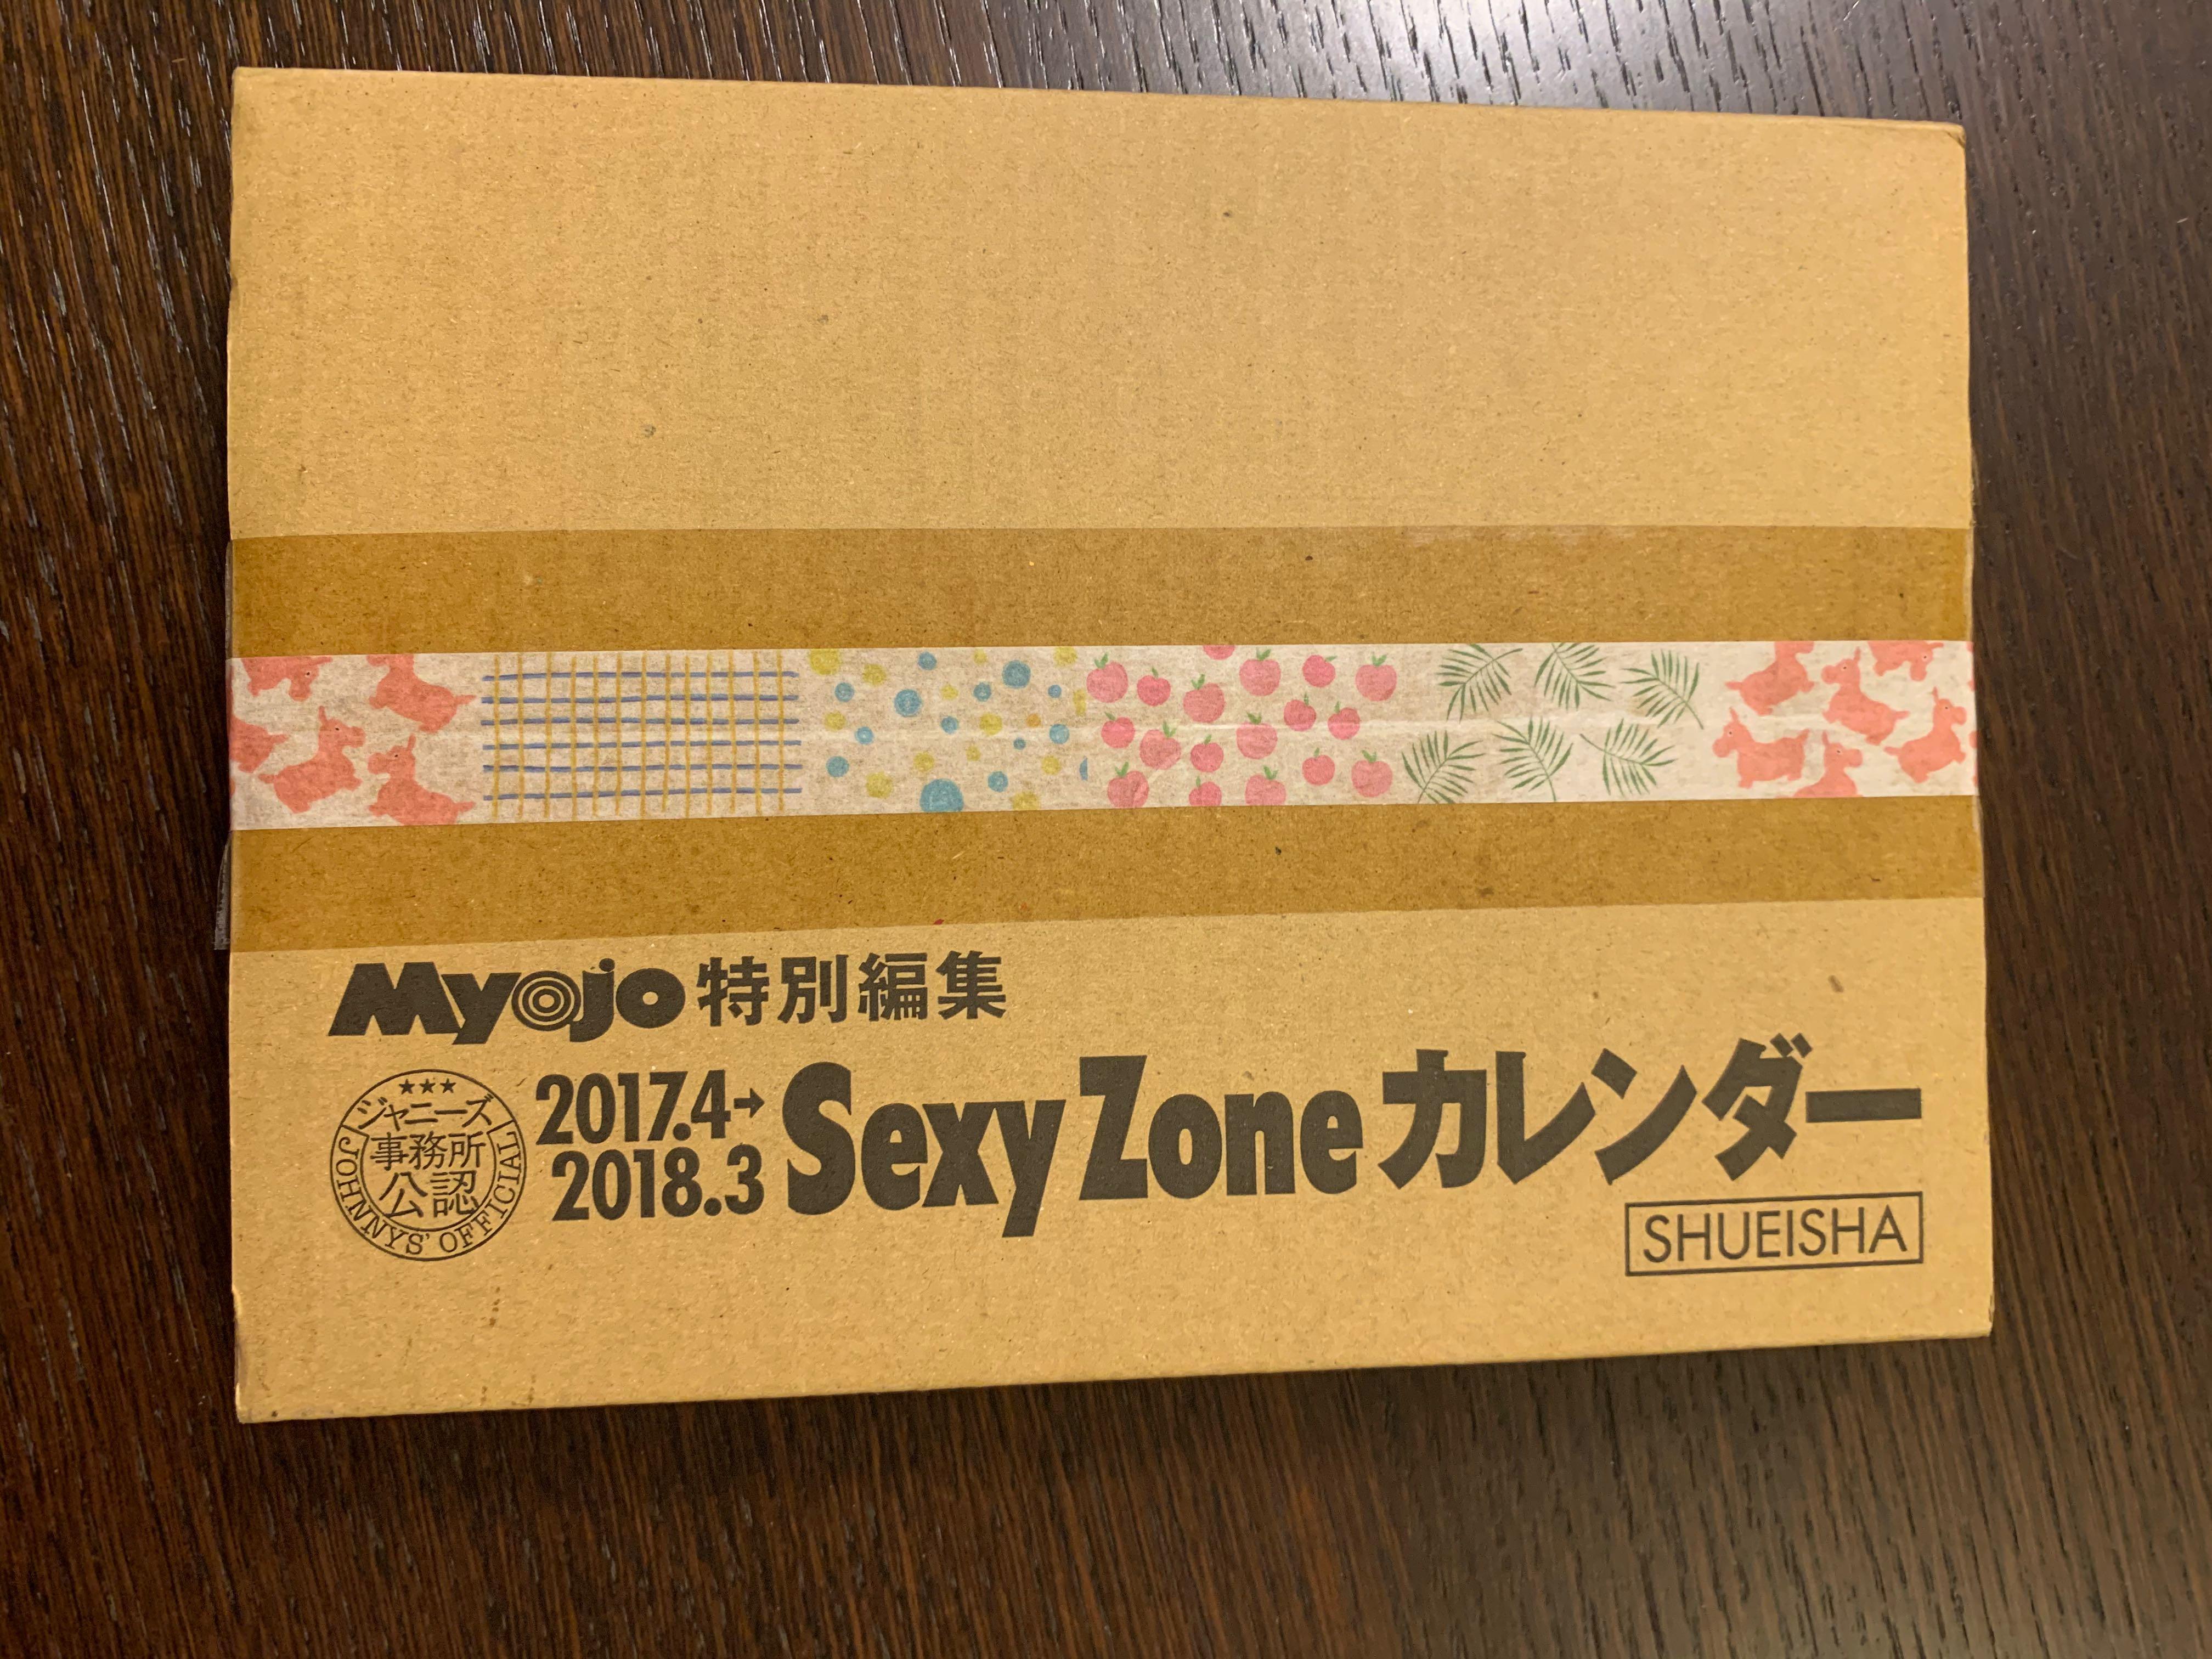 Sexy Zone 2017.4-2018.3 學年曆